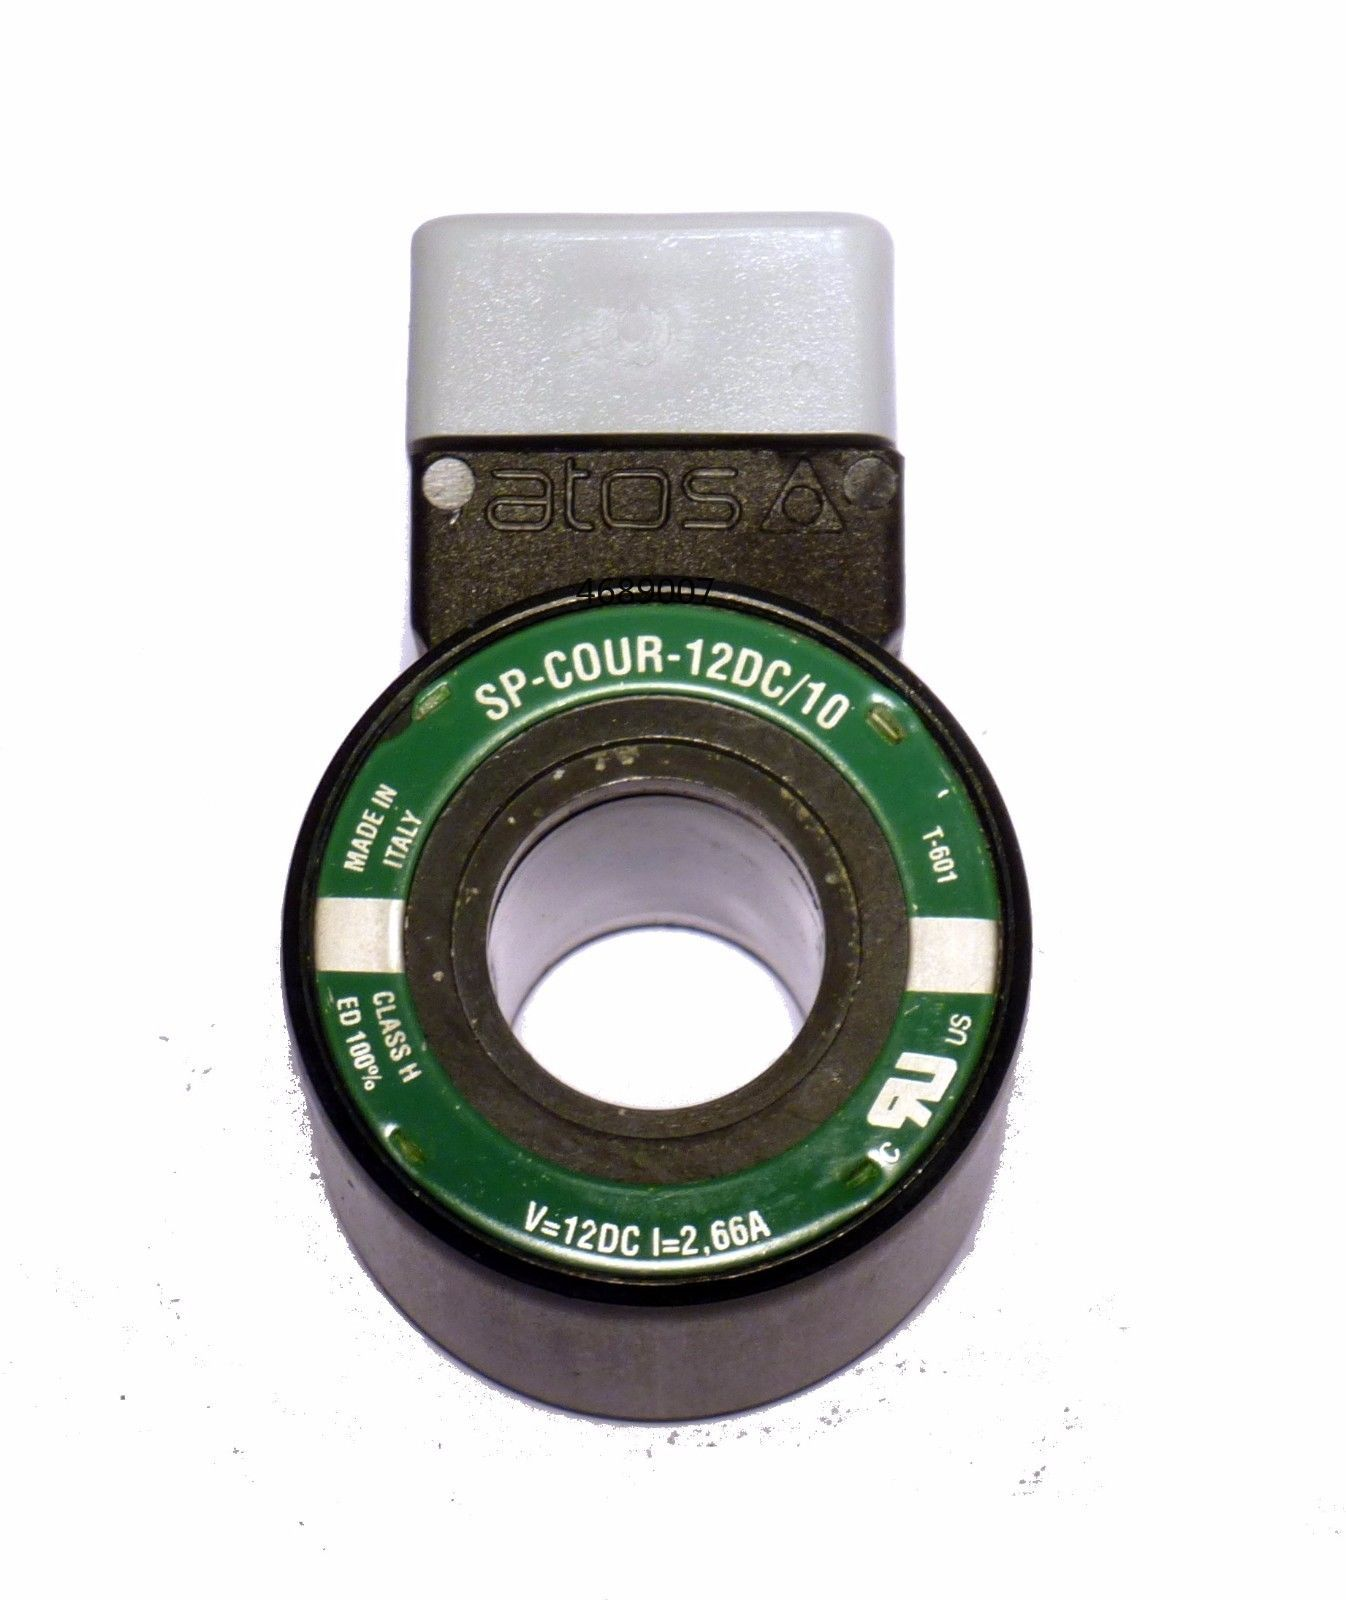 Válvula de bobina de solenoide de ventilación DHU con imán de Atos SP-COUR-12DC Válvula de Osmosis inversa de 4 vías de 1/4